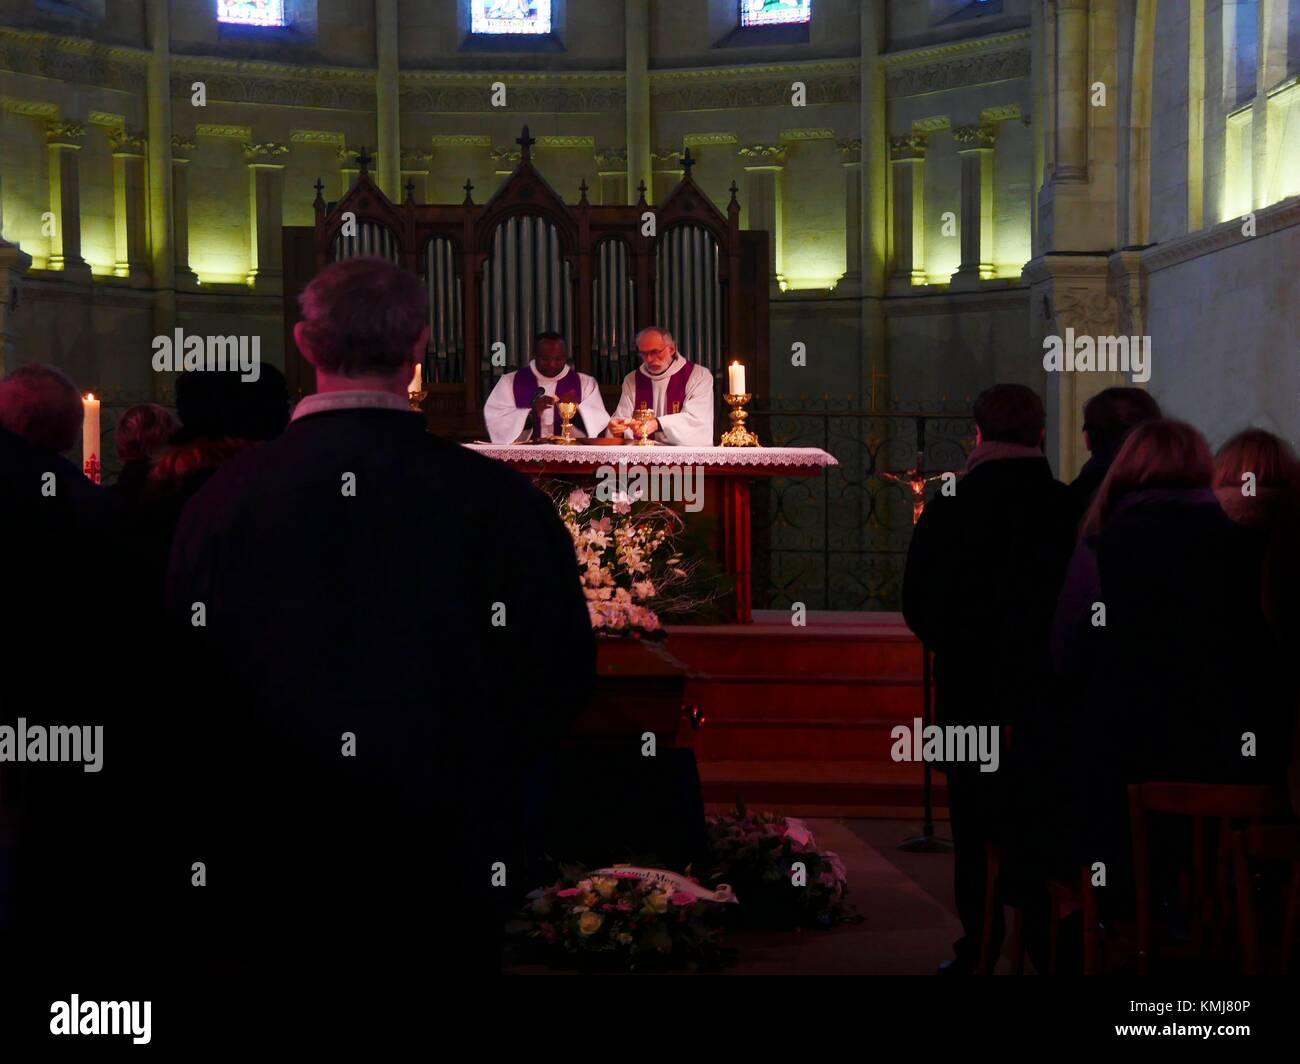 France. Nouvelle Aquitaine. Gironde. Roman catholic ceremony at Sainte Marie de la Bastide church at Bordeaux. Stock Photo